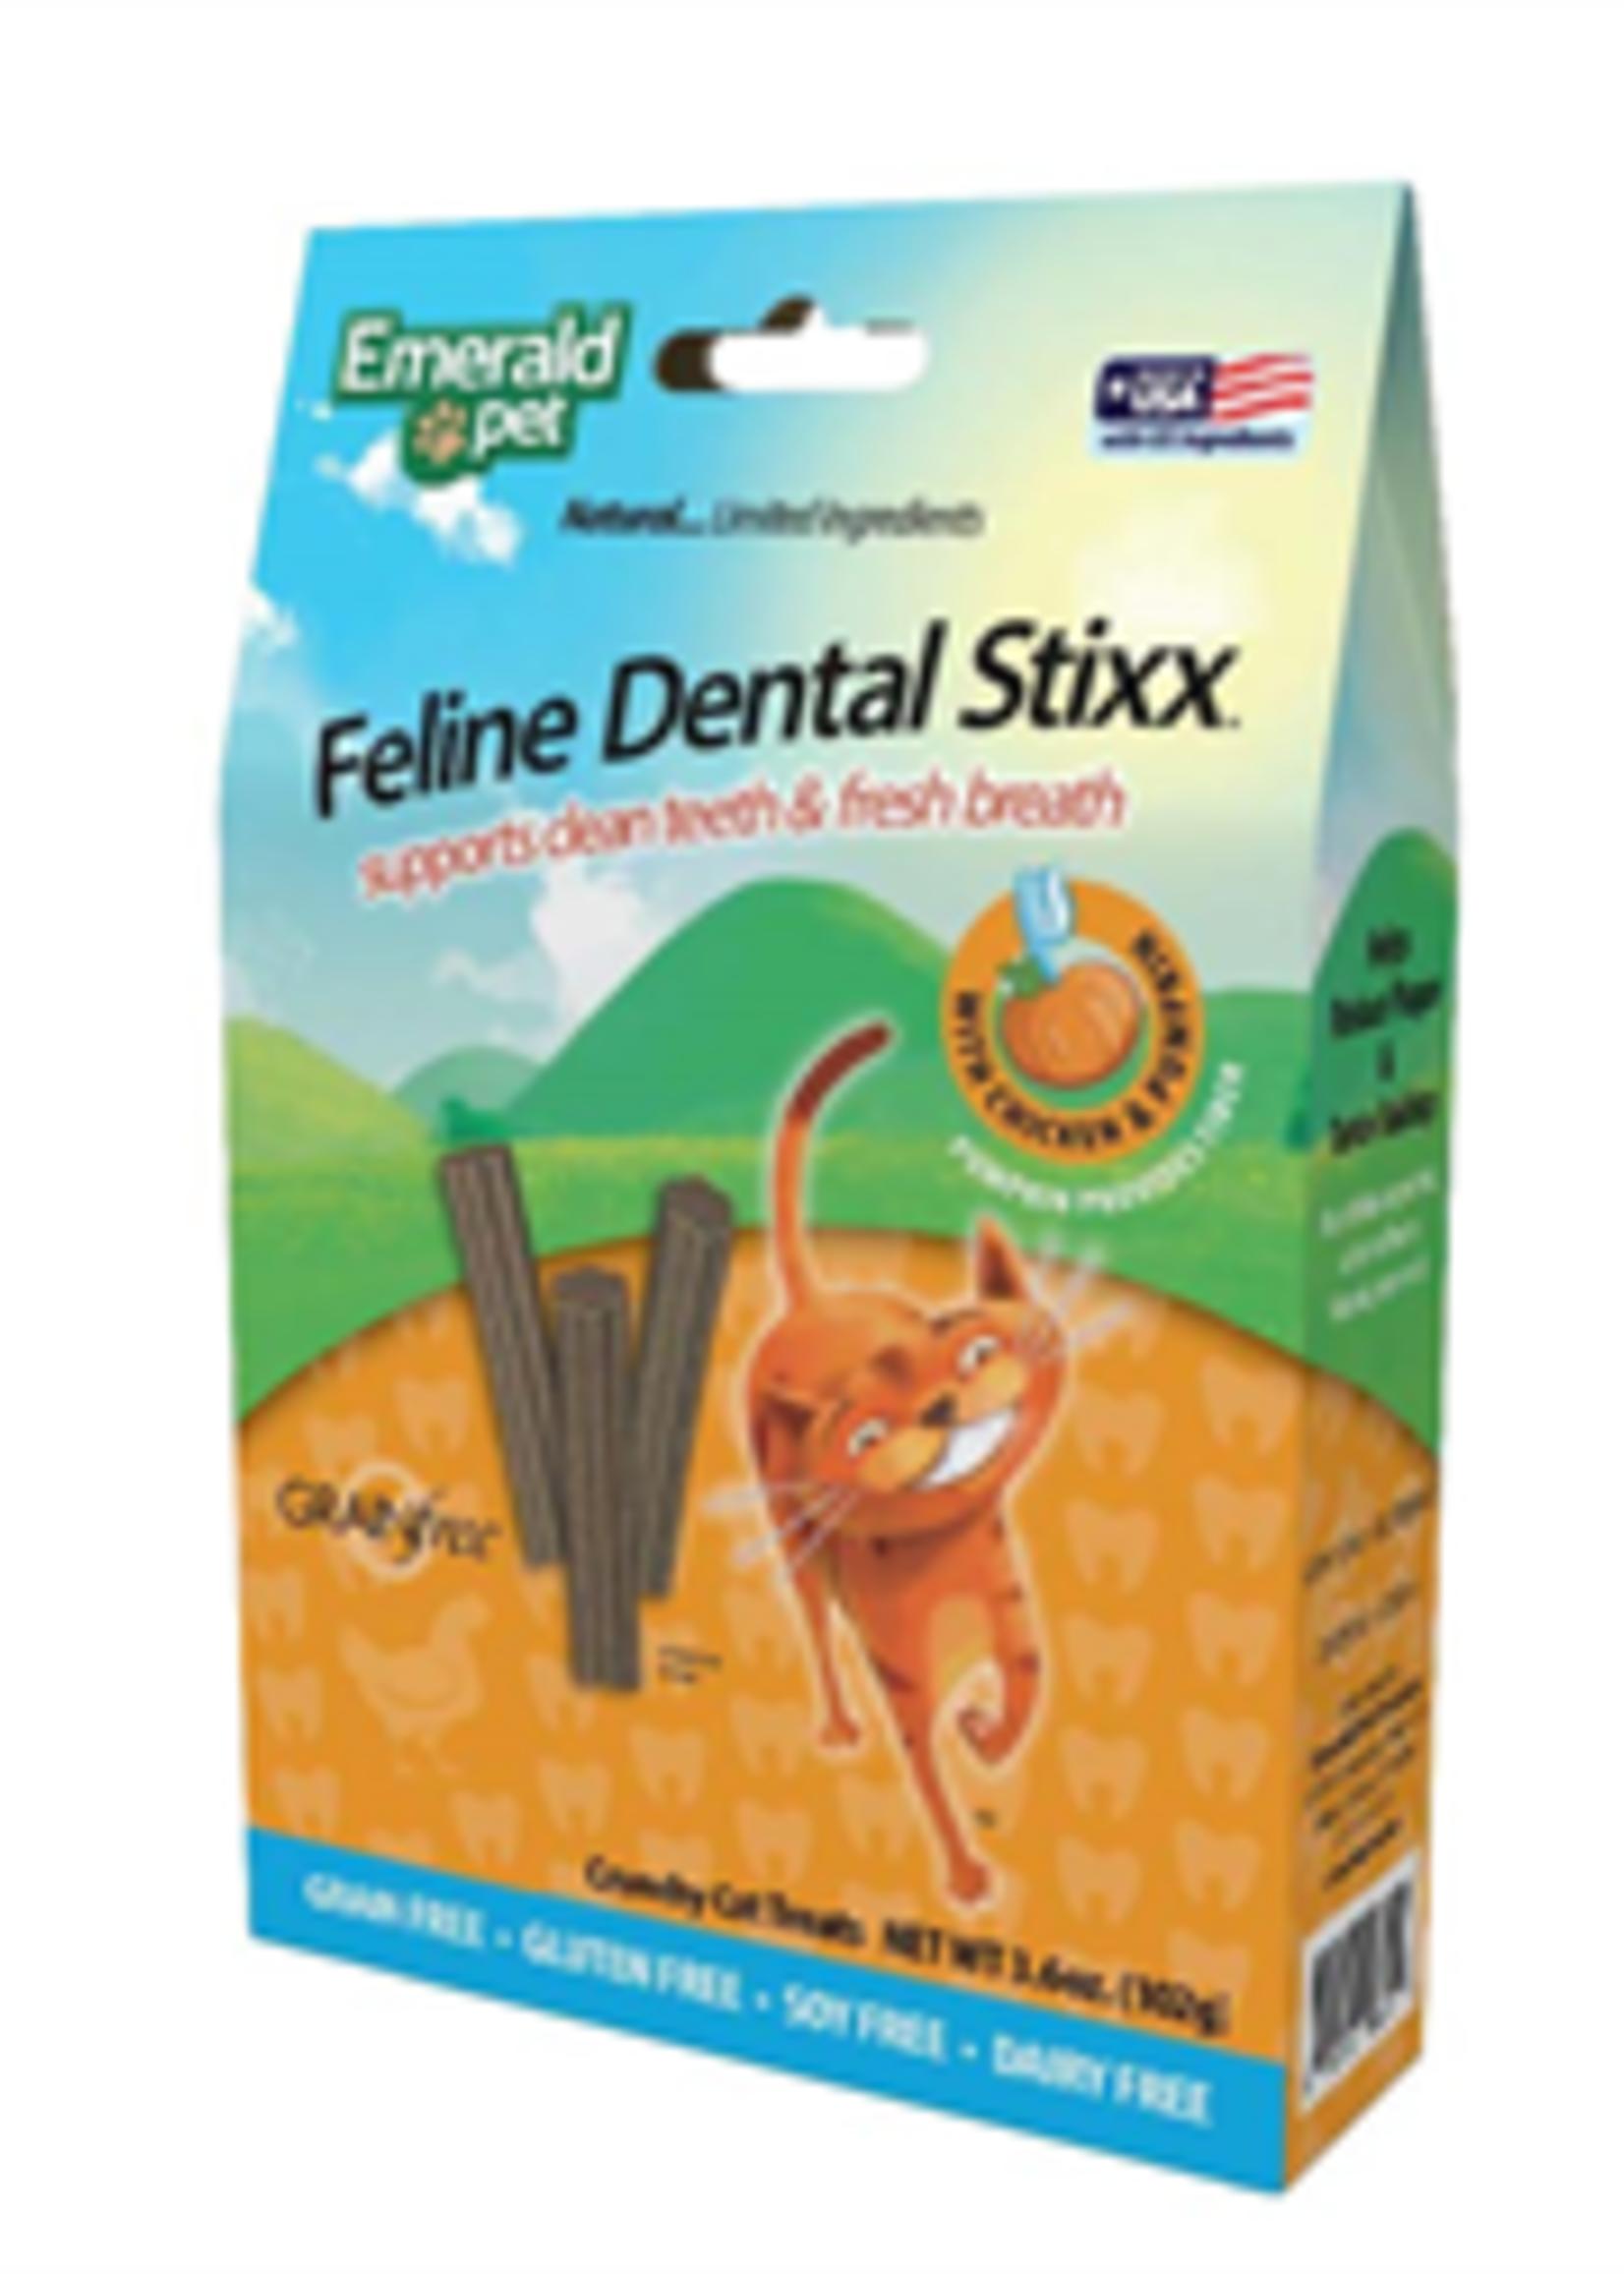 Emerald Pet® Emerald Pet® Dental Stixx 3.6oz Chicken